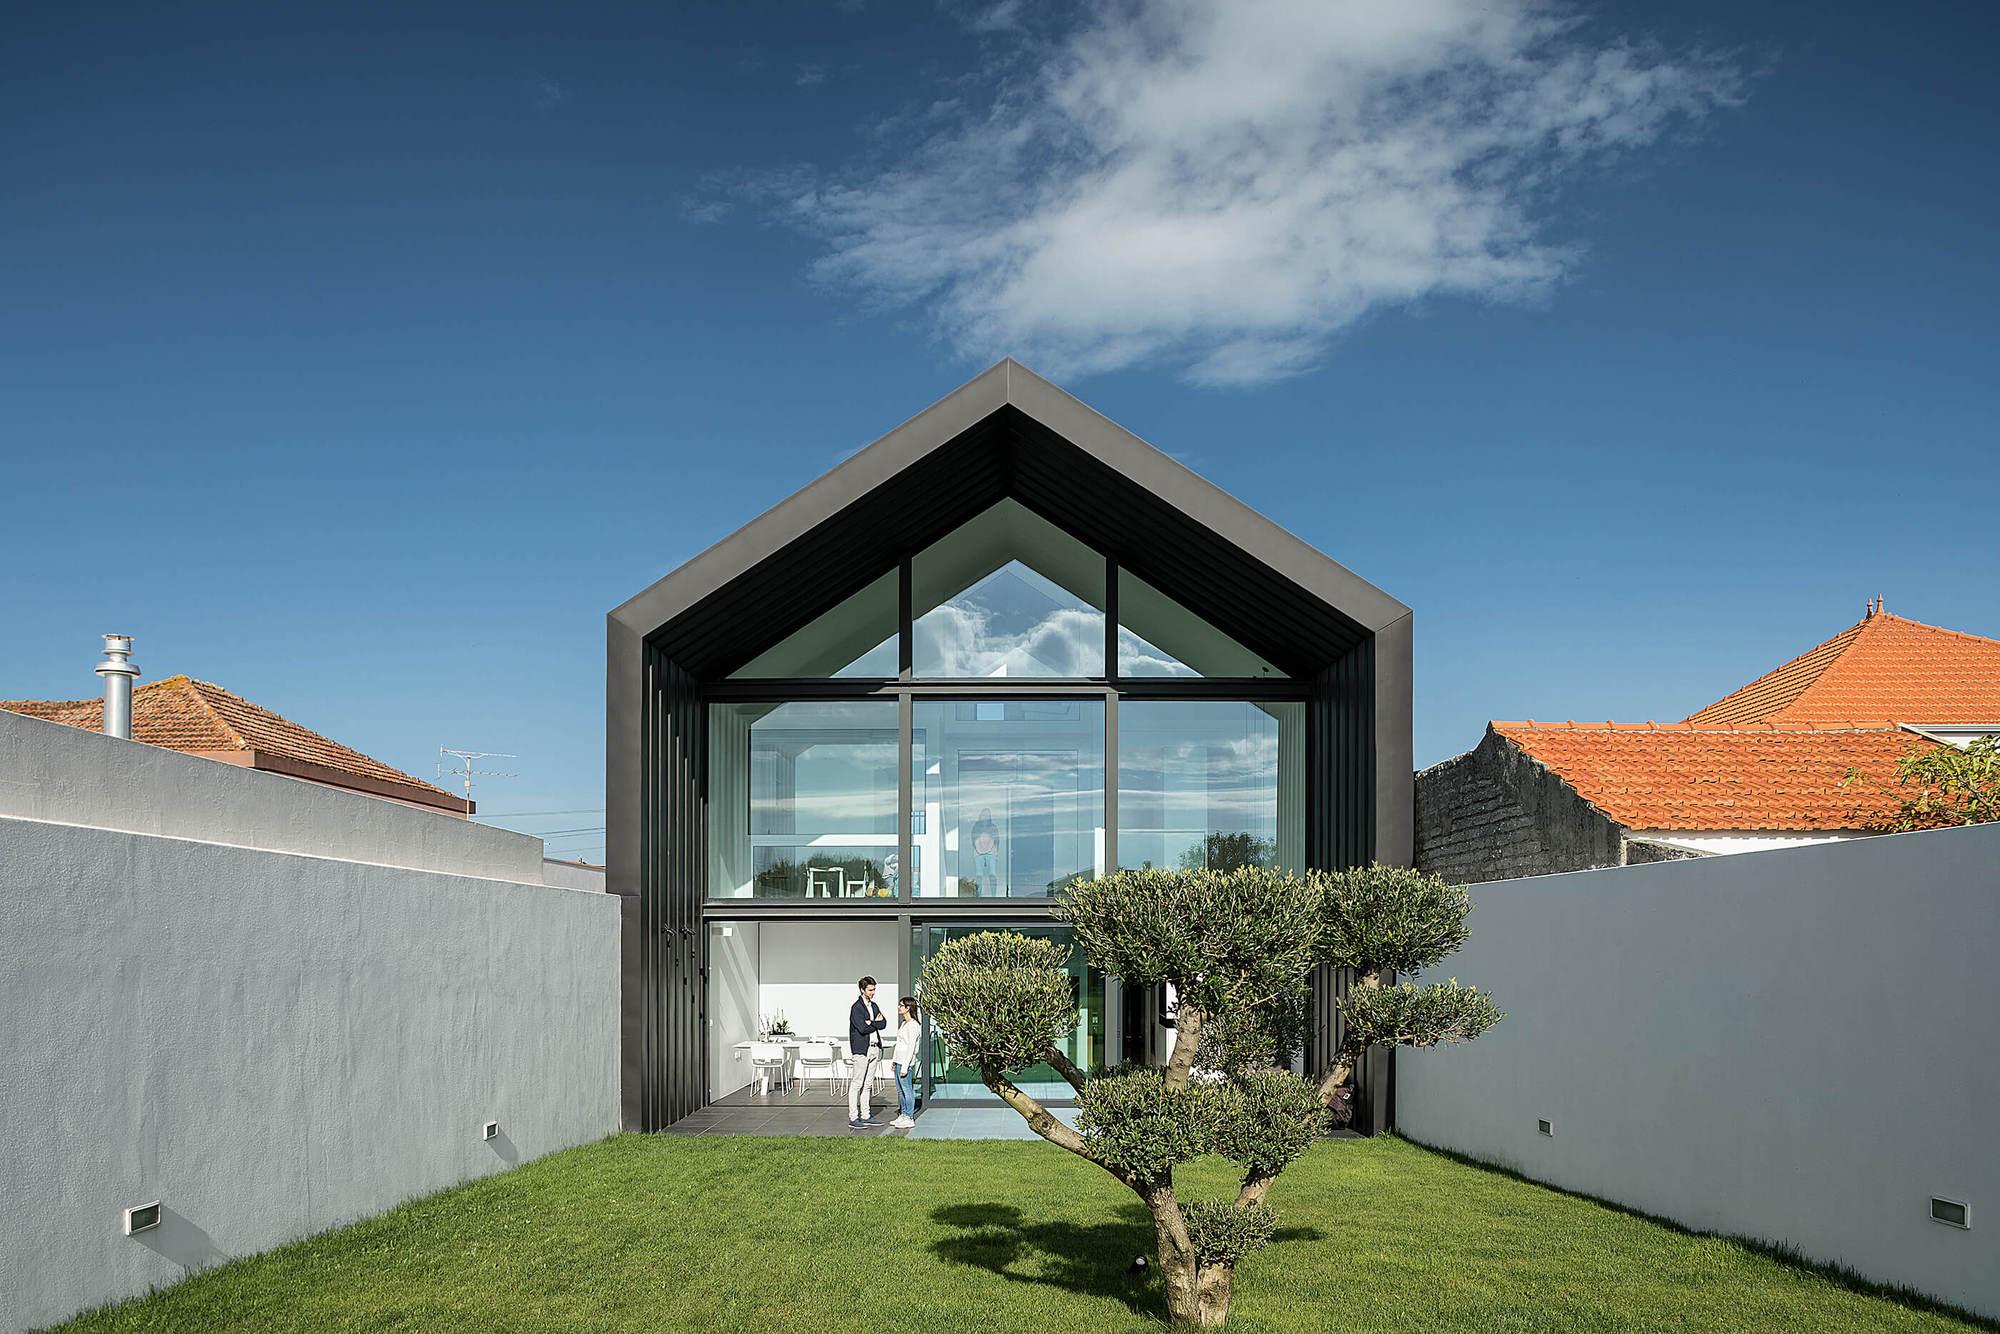 Casa do Arco / FRARI - architecture network